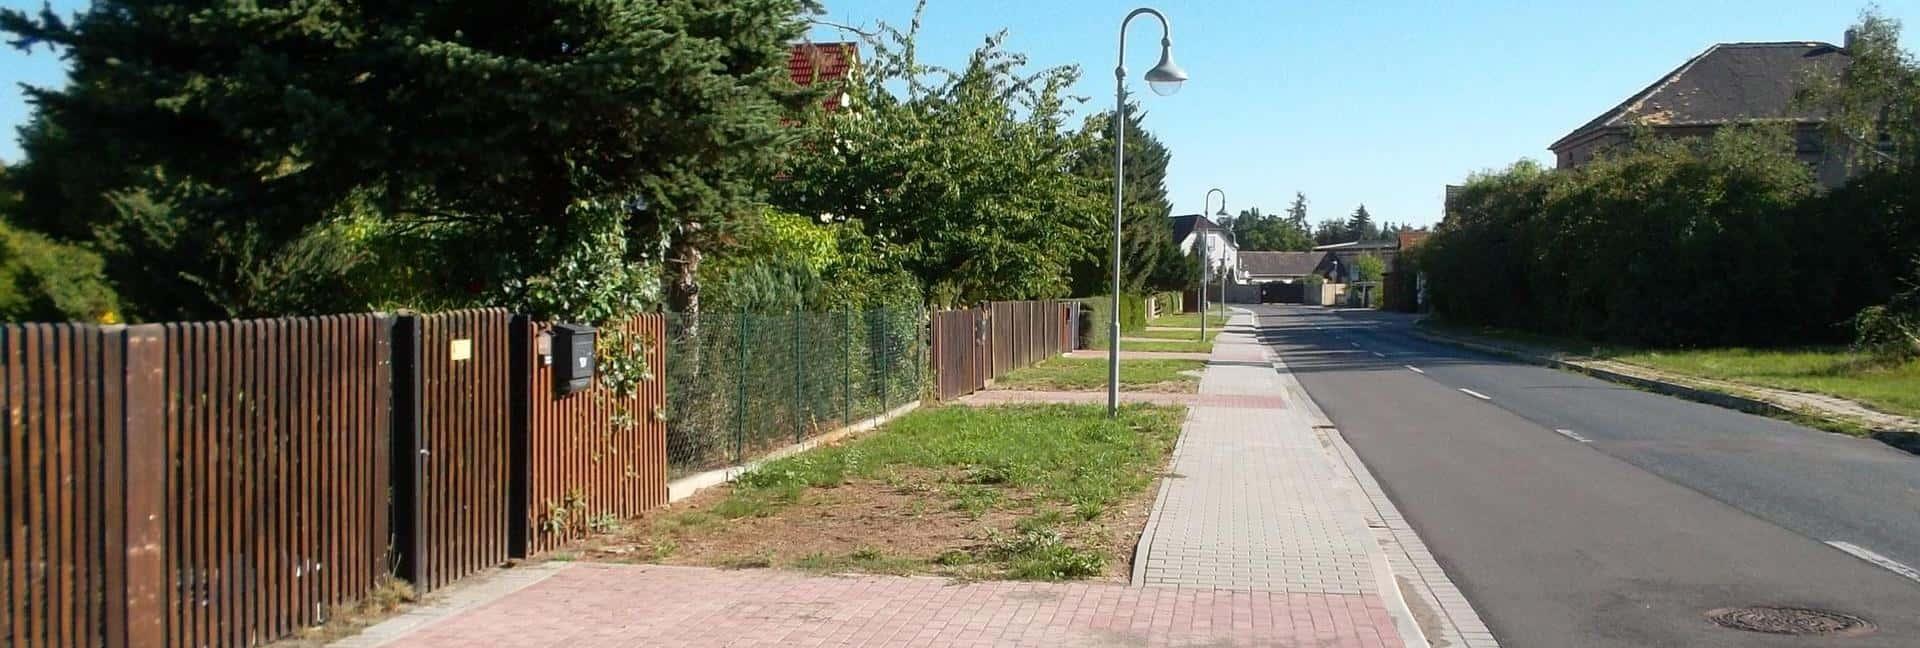 Kitzener Straße